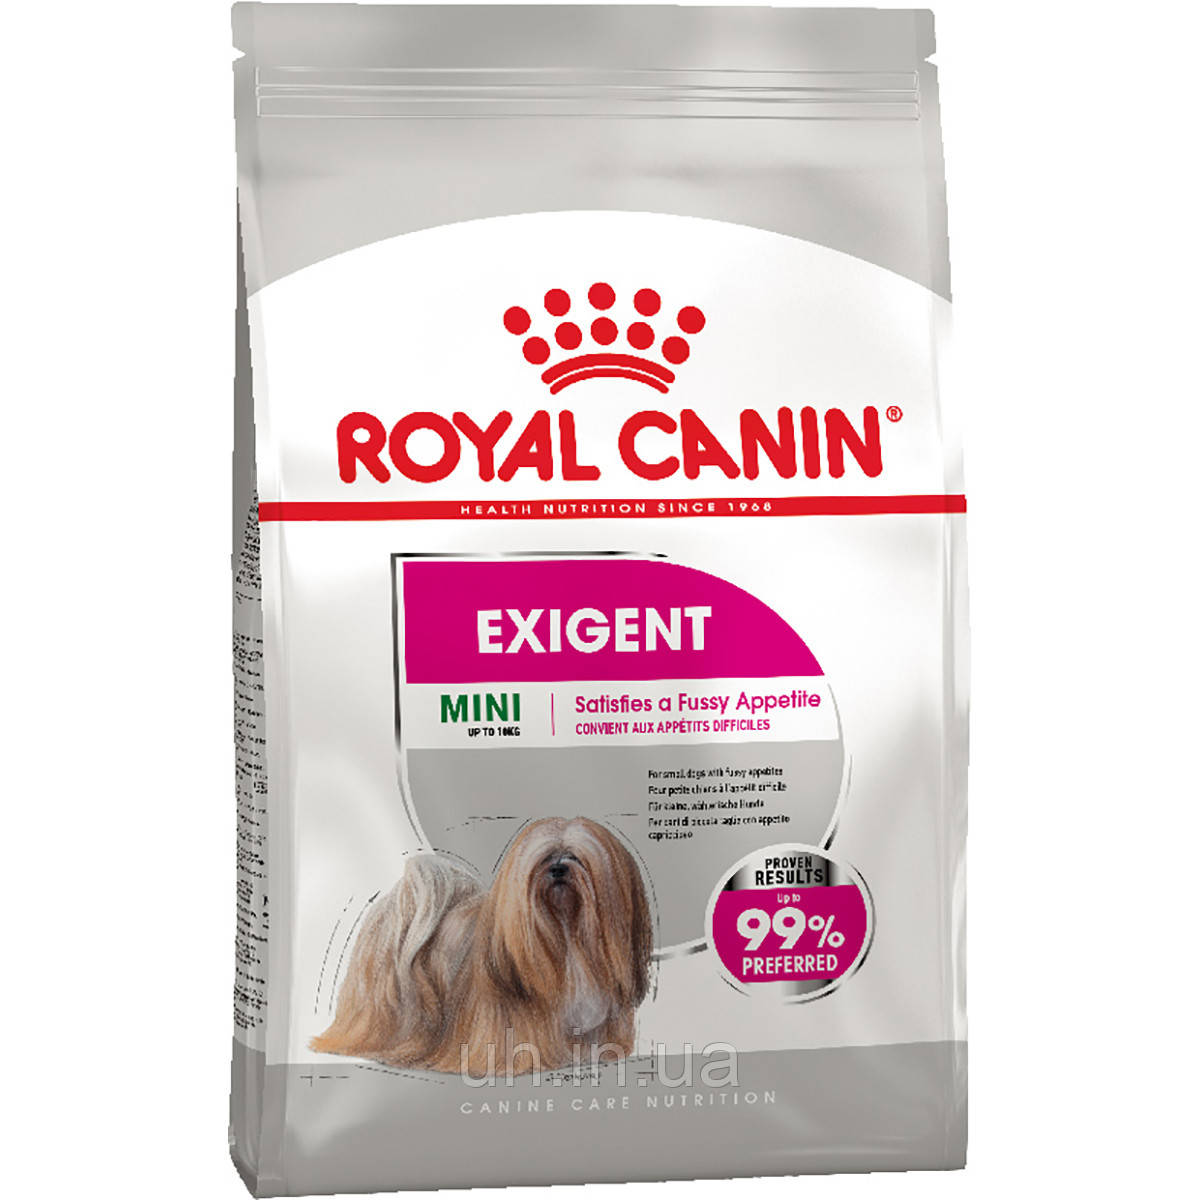 Royal Canin Mini Exigent сухий корм для собак дрібних порід вибагливих у їжі від 10 міс 0,8 КГ